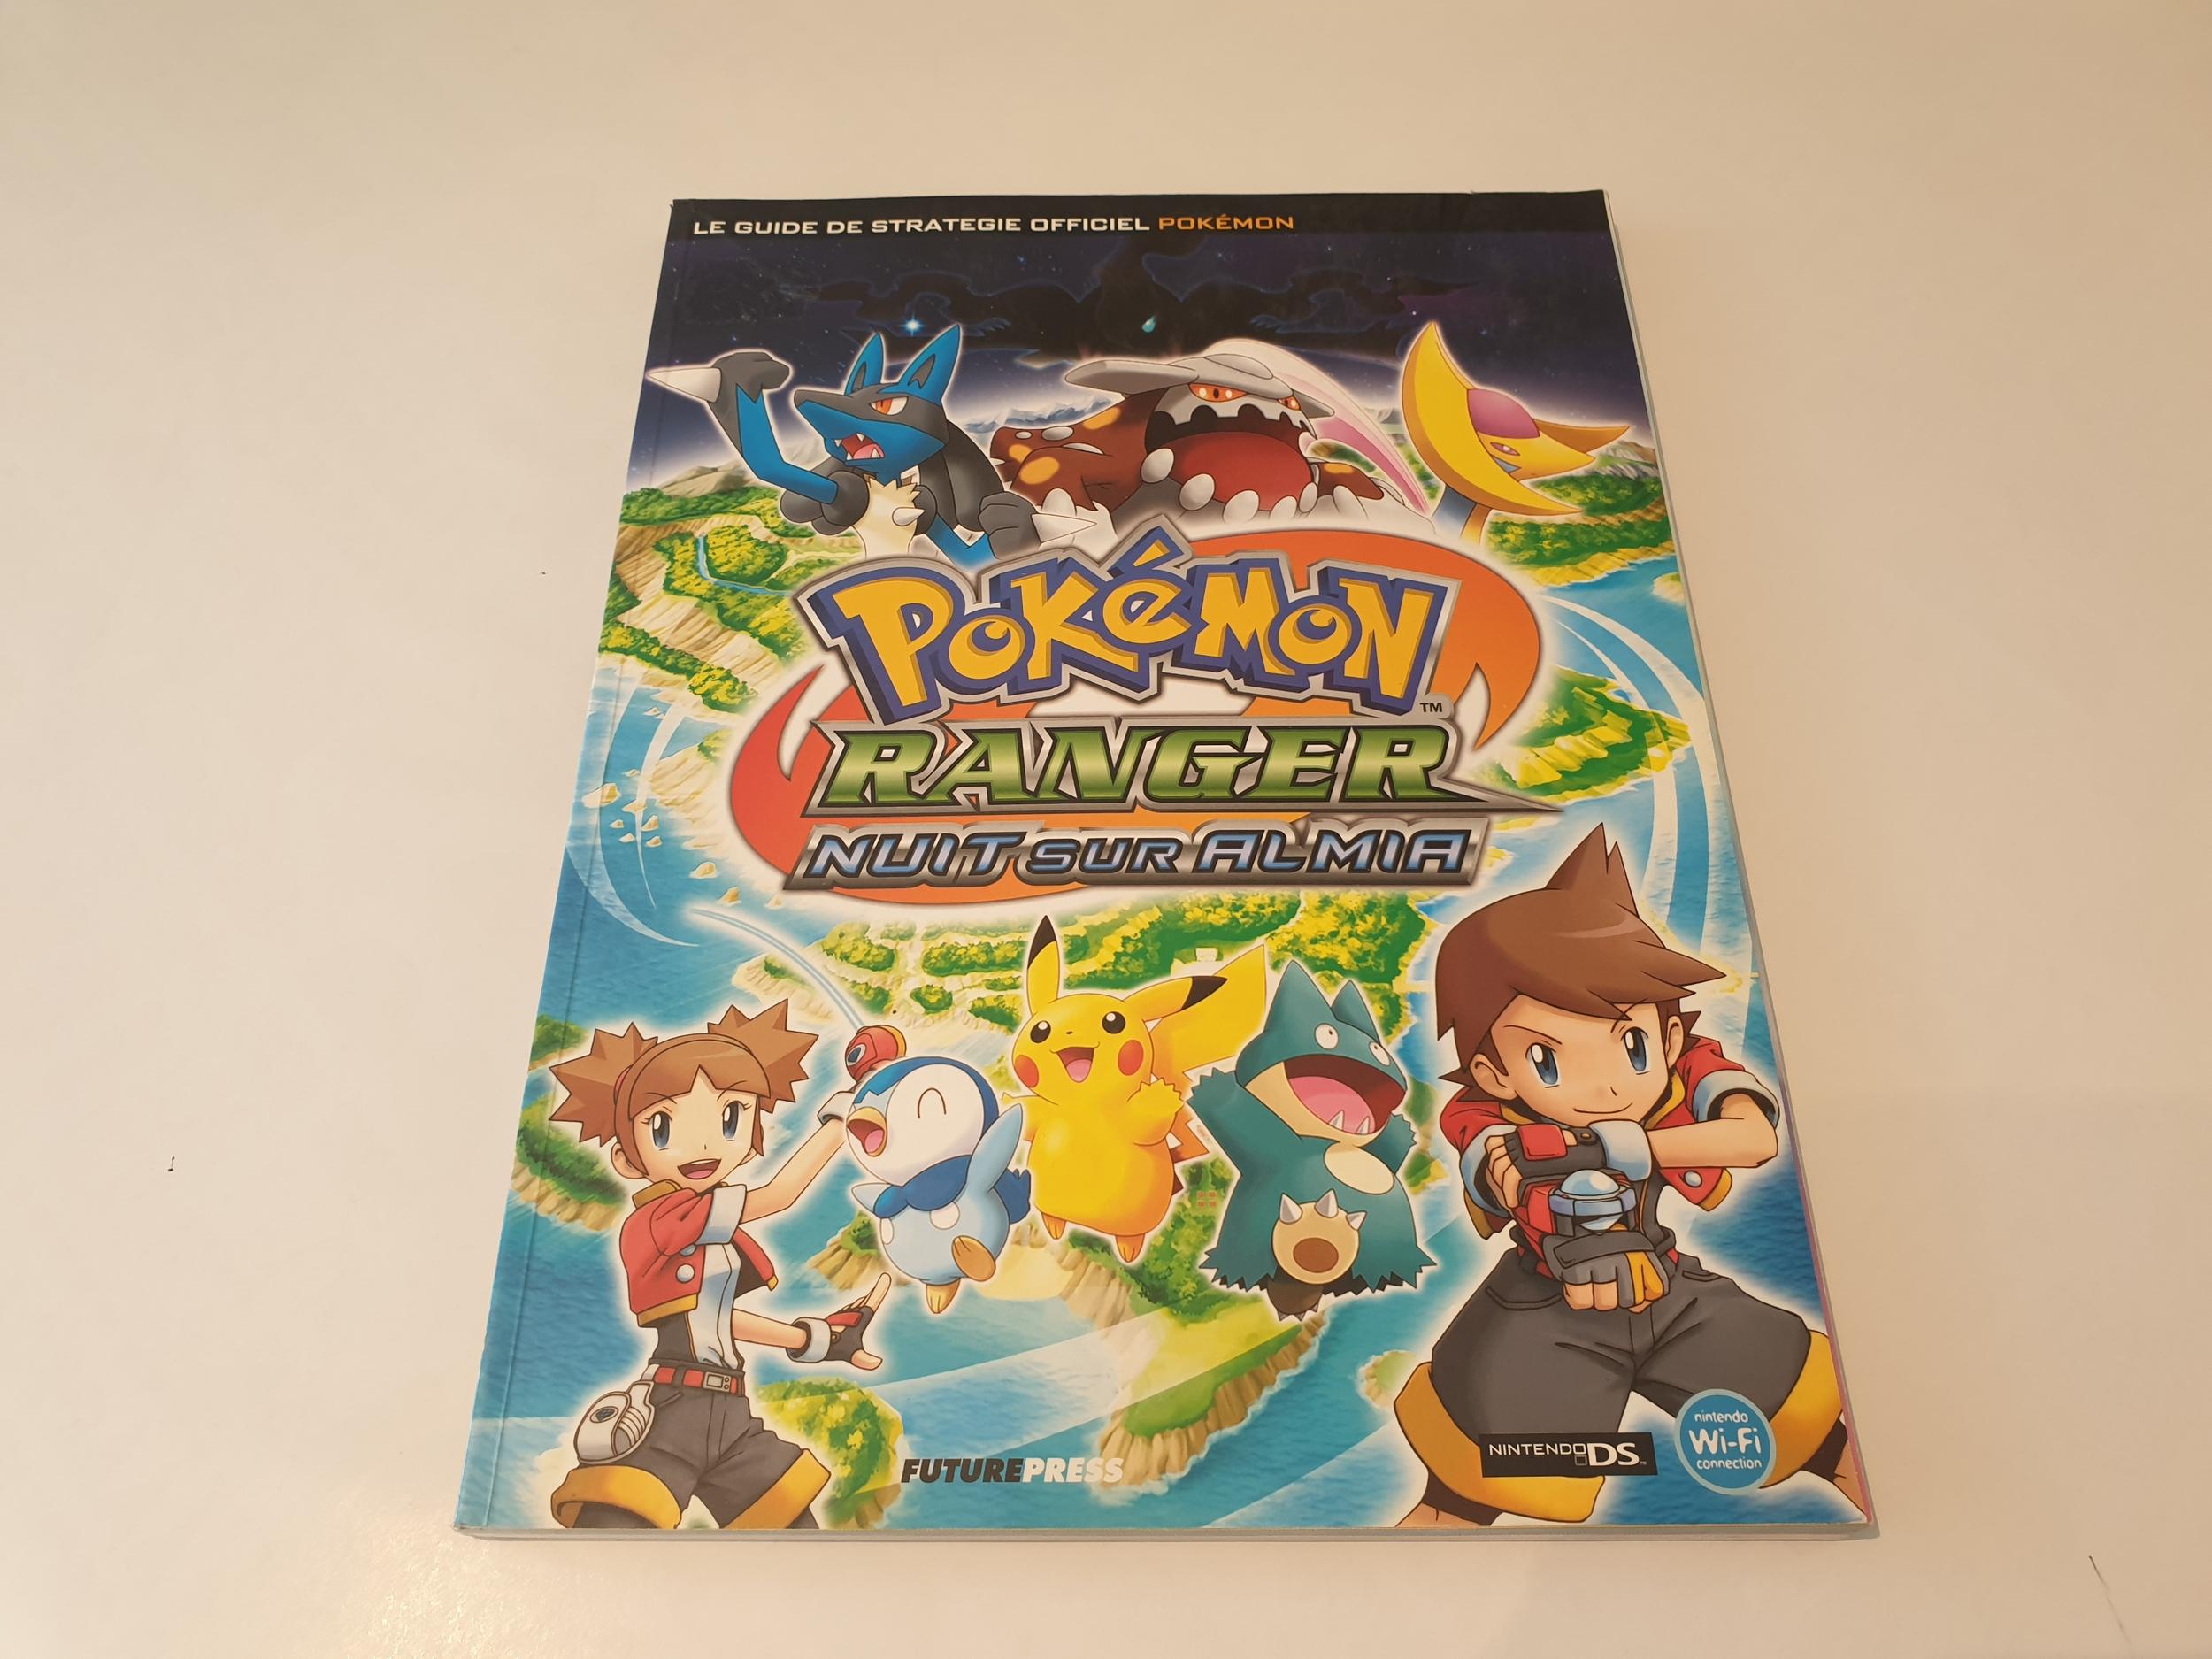 Guide de stratégie officiel Pokémon ranger : nuit sur Almia occasion